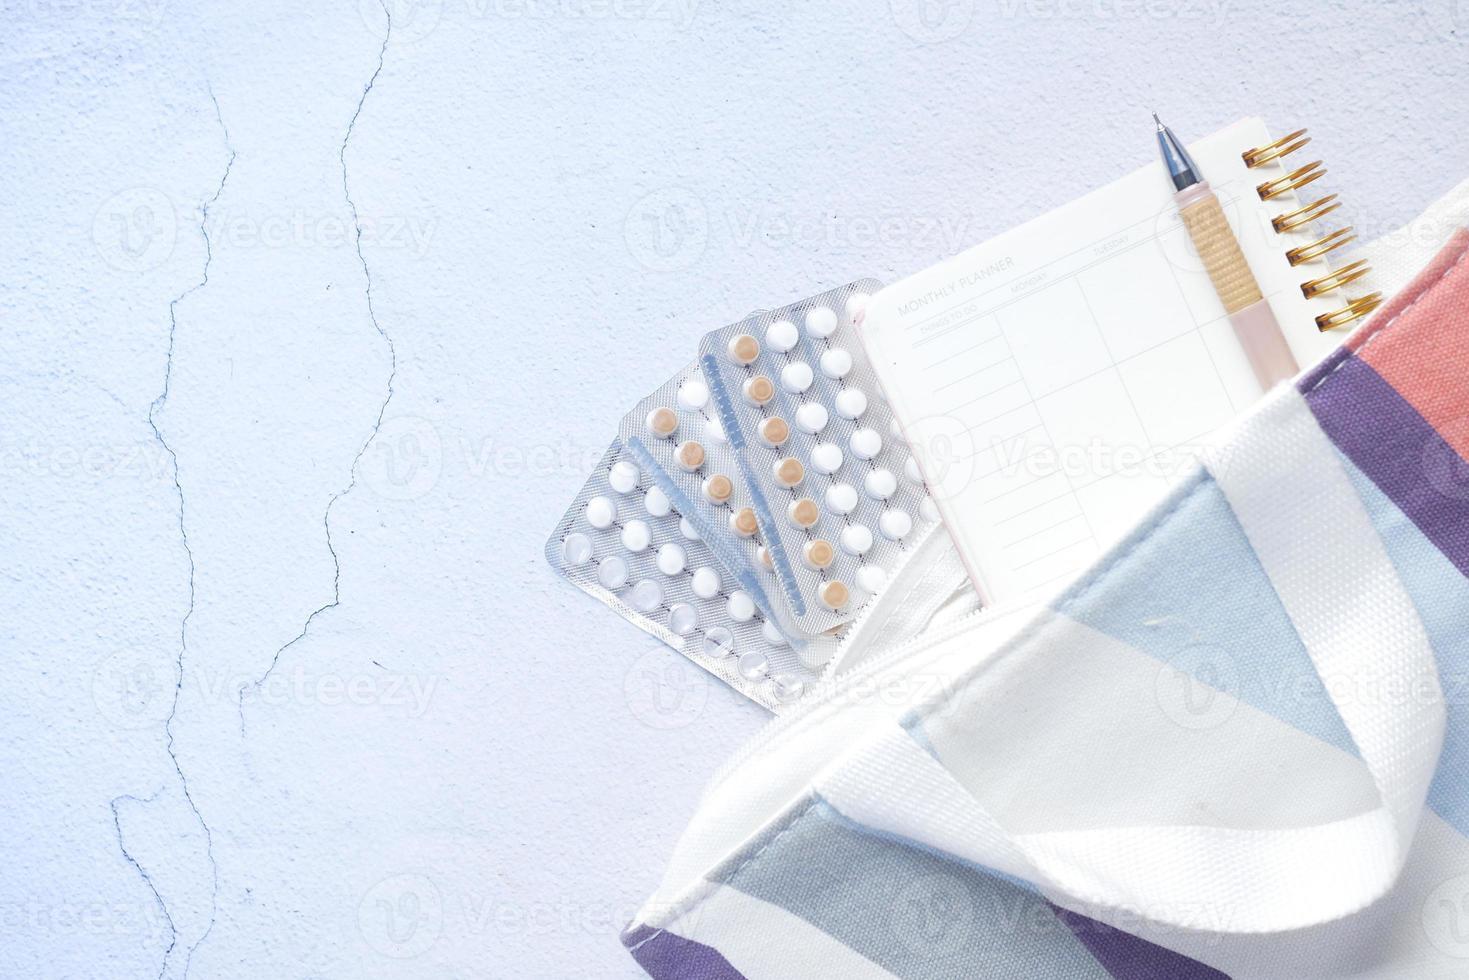 Pastillas anticonceptivas sobre fondo de madera, cerrar foto